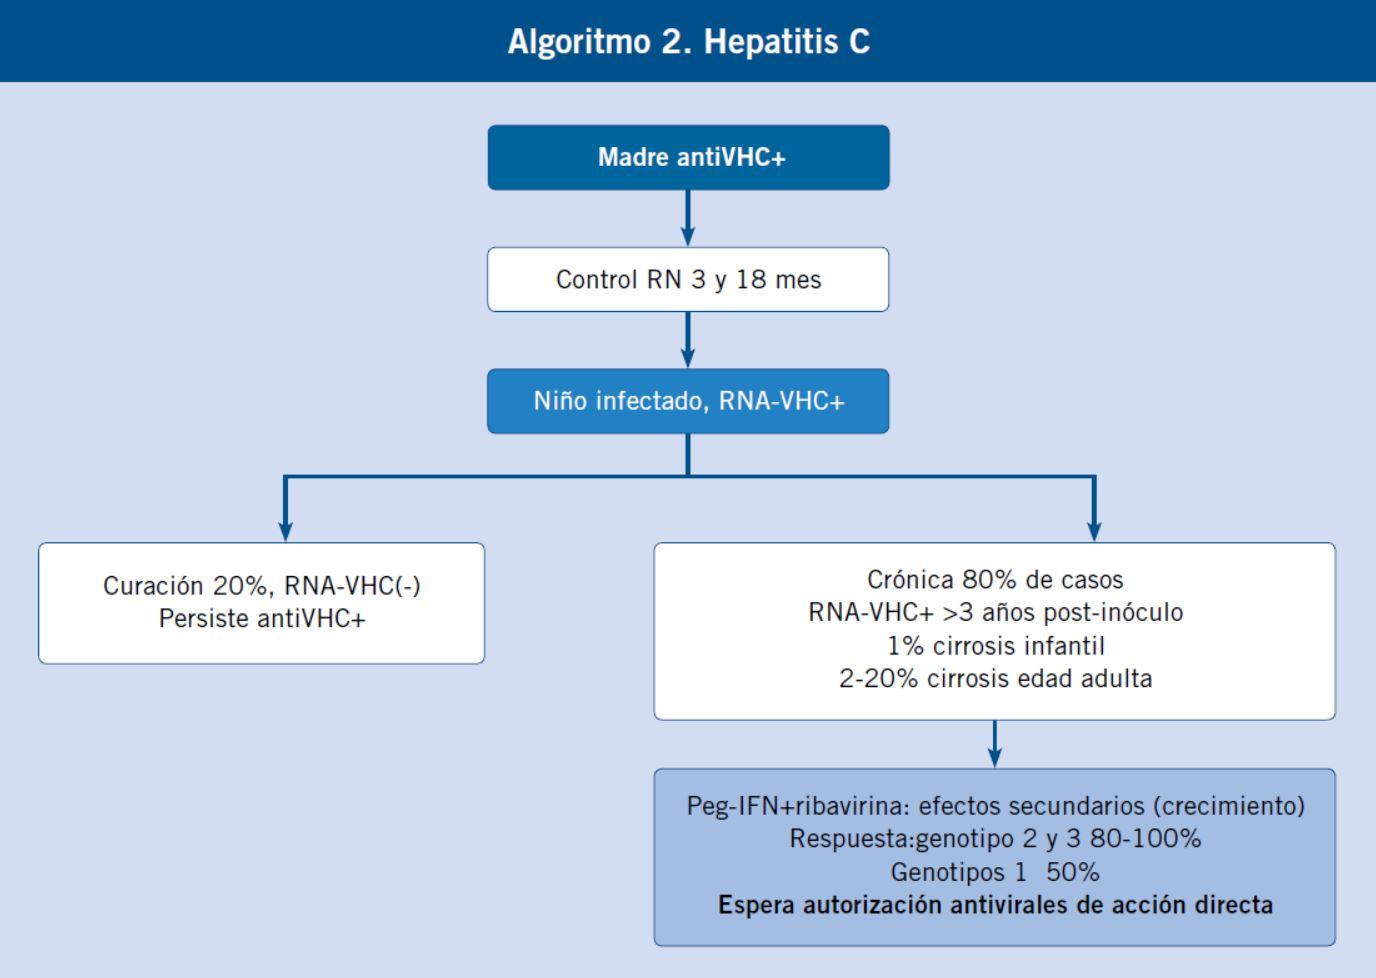 algoritmo de tratamiento hbv diabetes